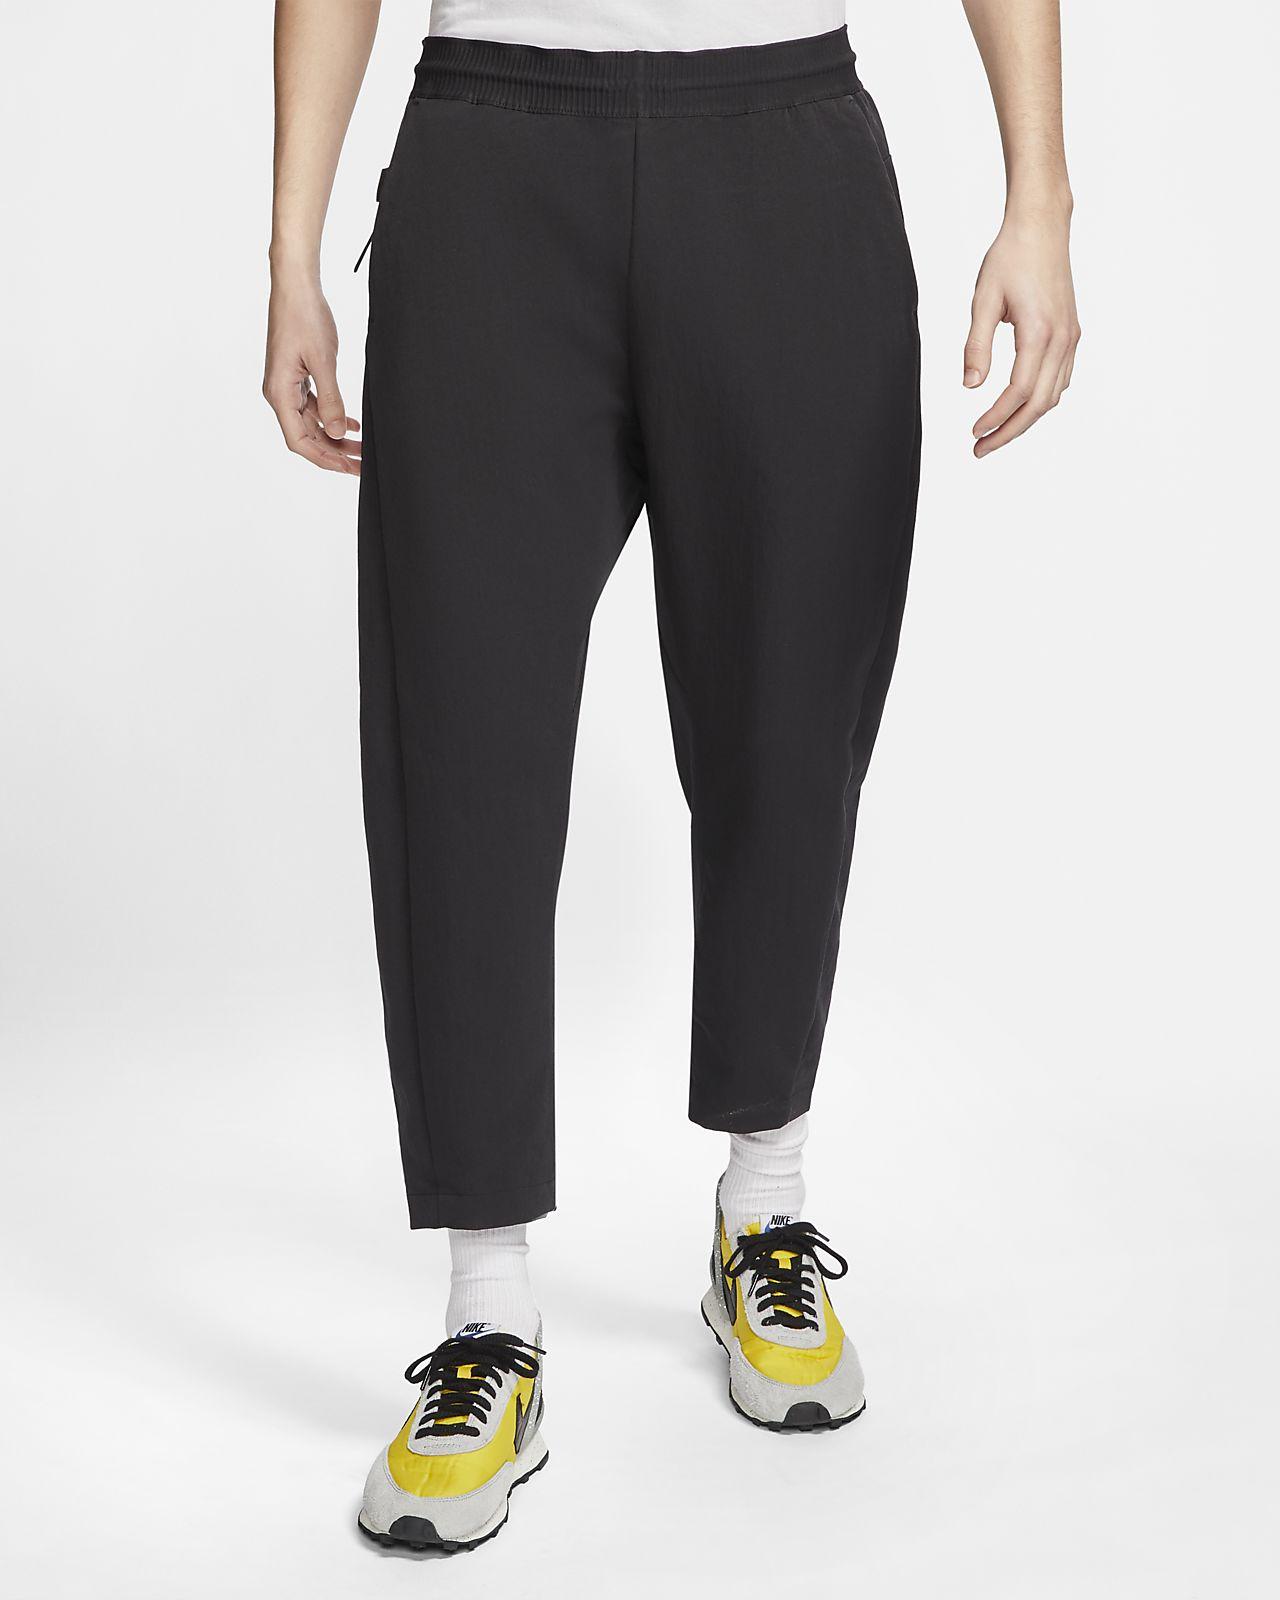 níquel Huelga Modernización  Nike Sportswear Tech Pack Pantalón de tejido Woven de tres cuartos ...